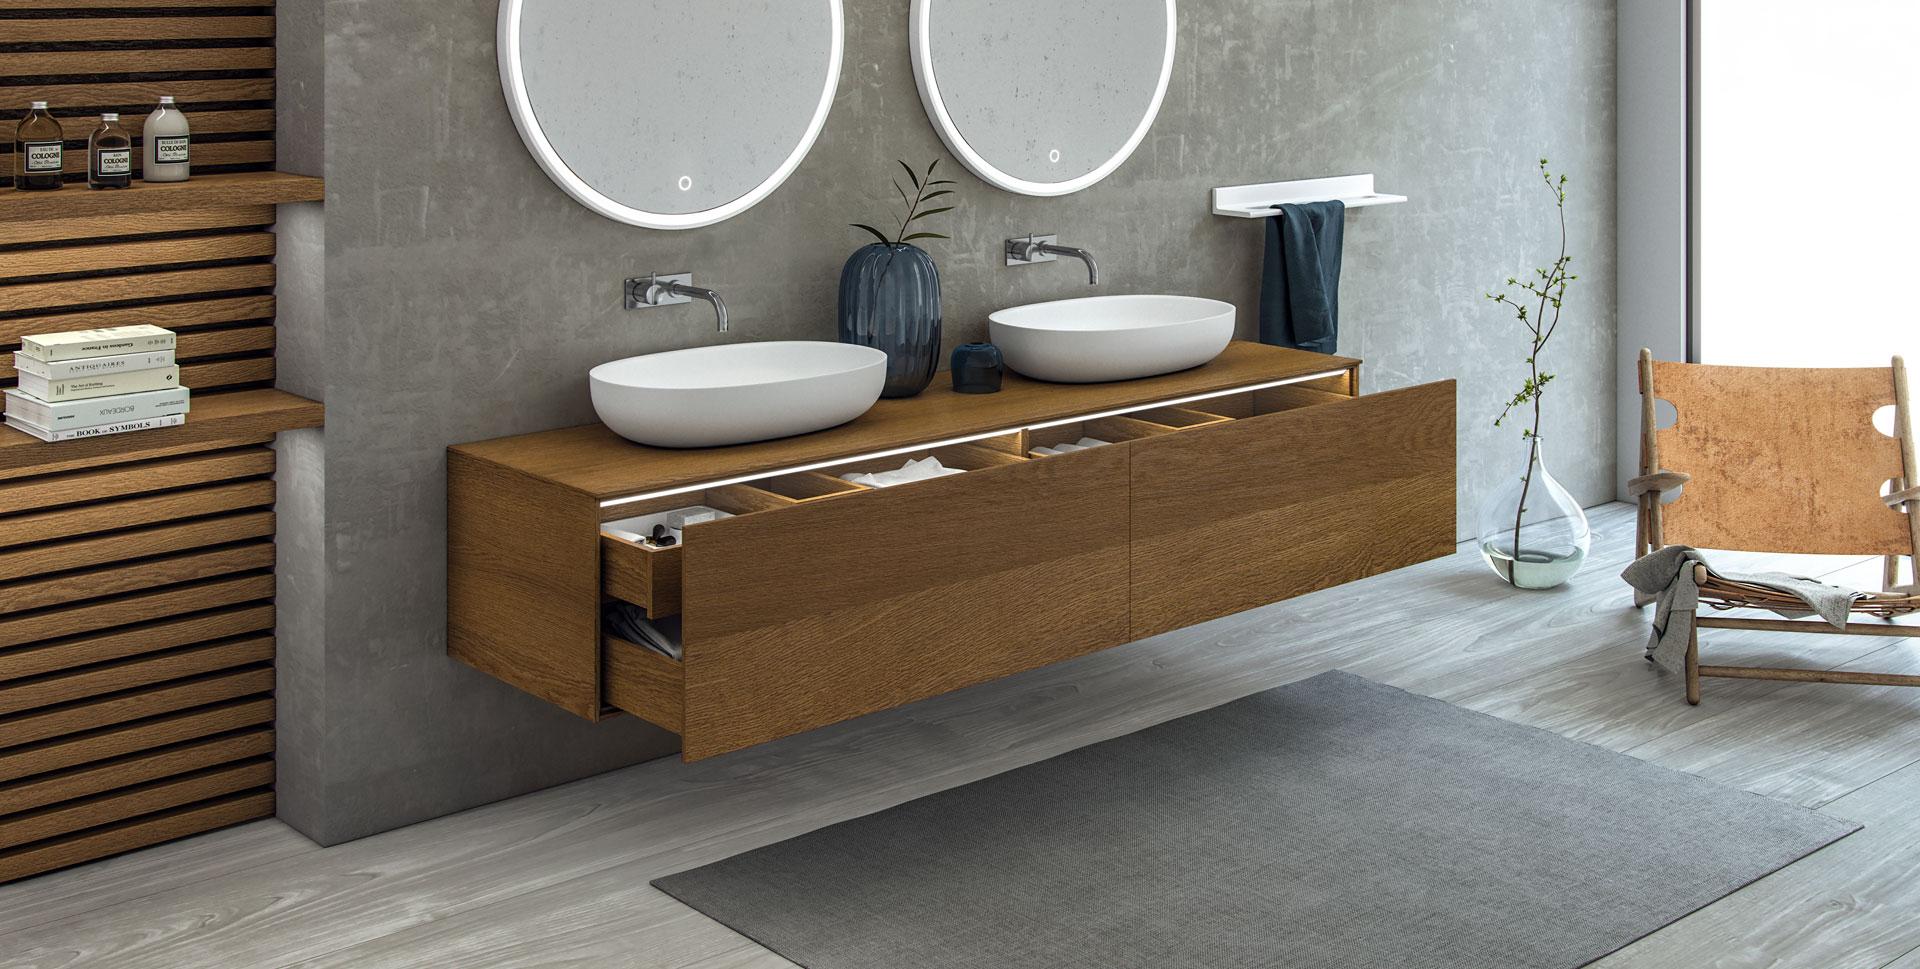 Badezimmermöbel im skandinavischen Stil - Copenhagen Bath